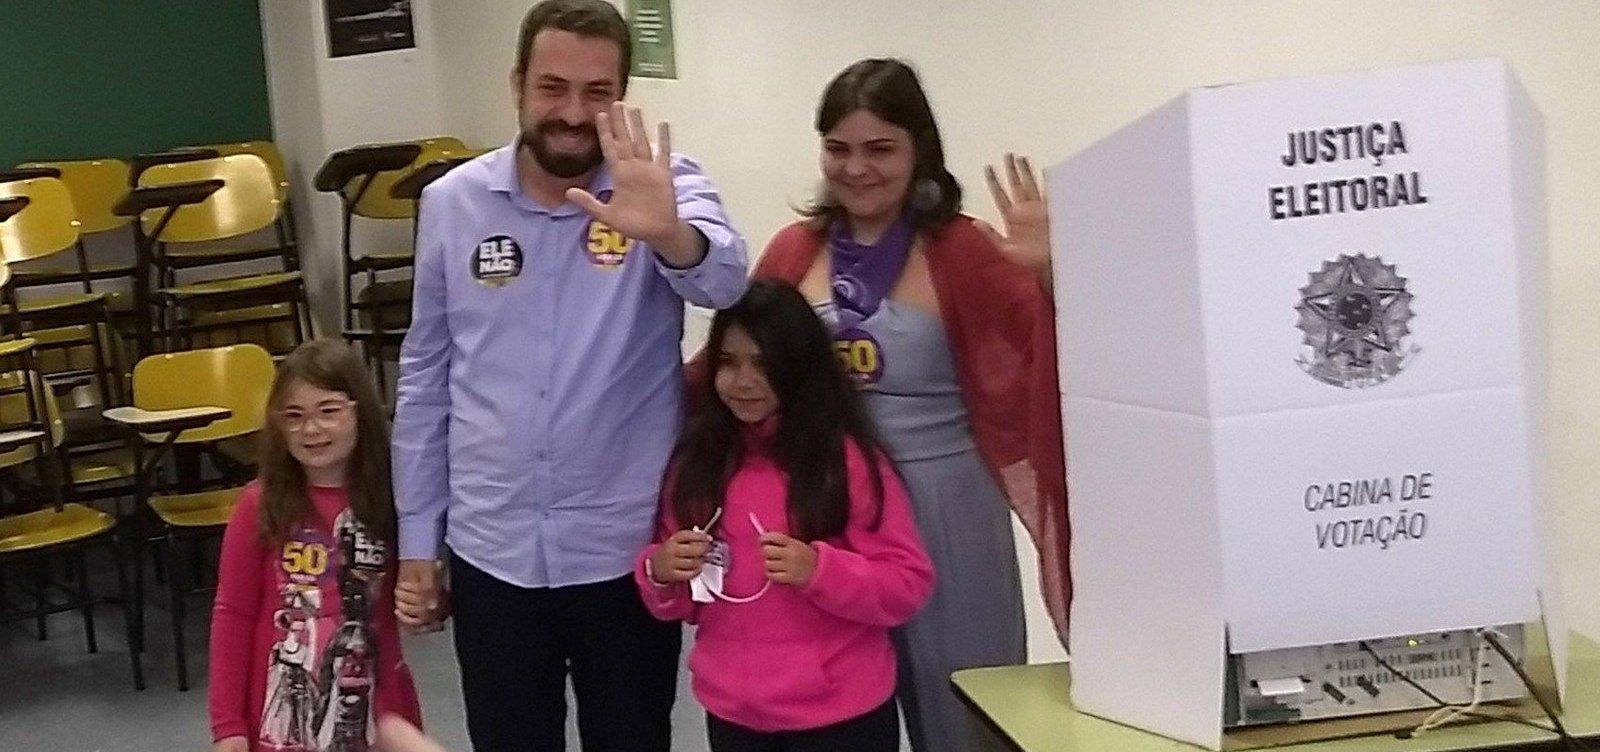 [Após votar em SP, Boulos pede que eleitor não deposite 'medo e ódio' nas urnas]